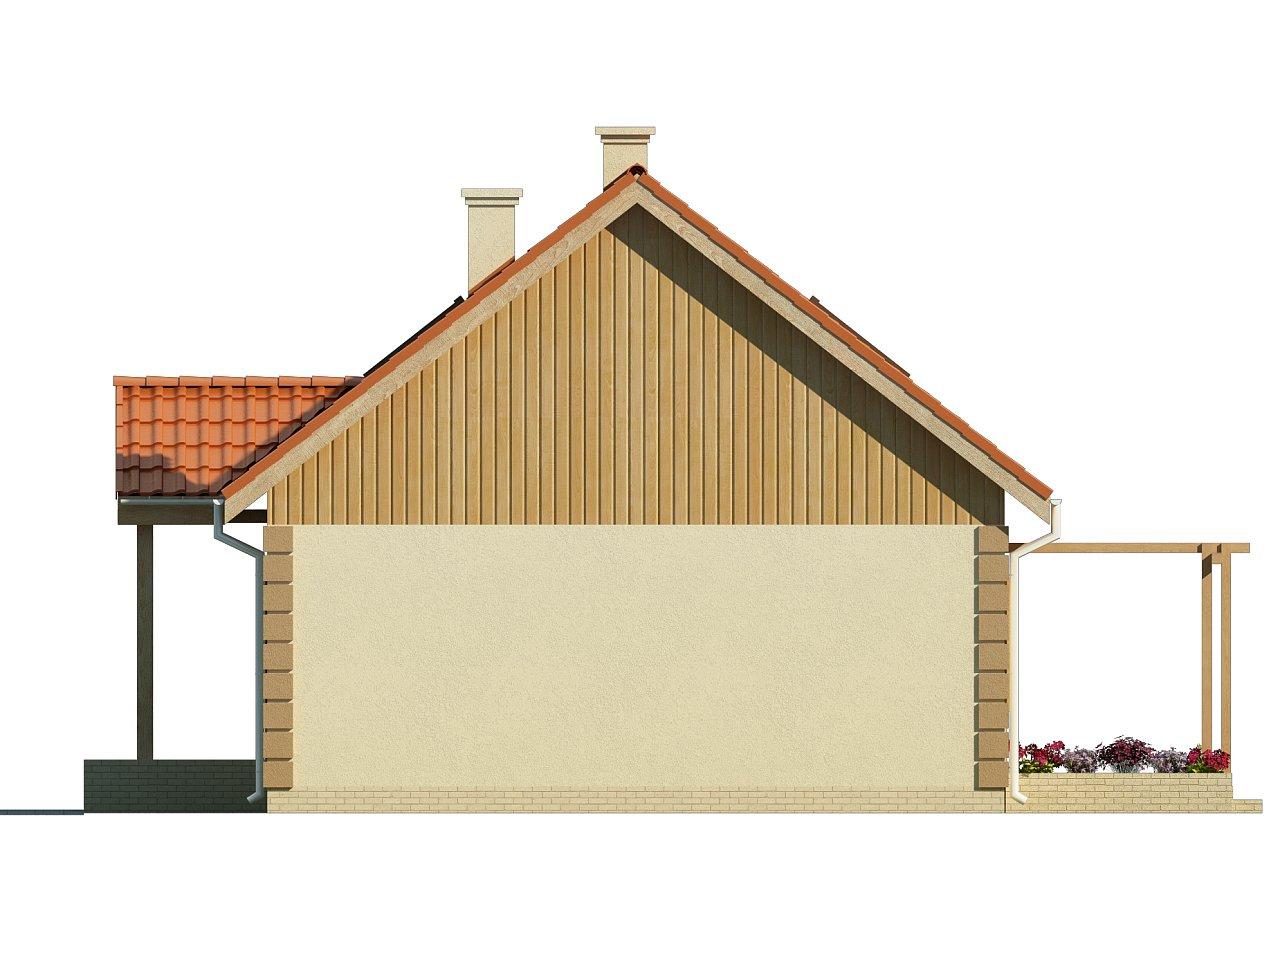 Функциональный и уютный дом с дополнительной спальней на первом этаже. Простой и экономичный в строительстве. 13